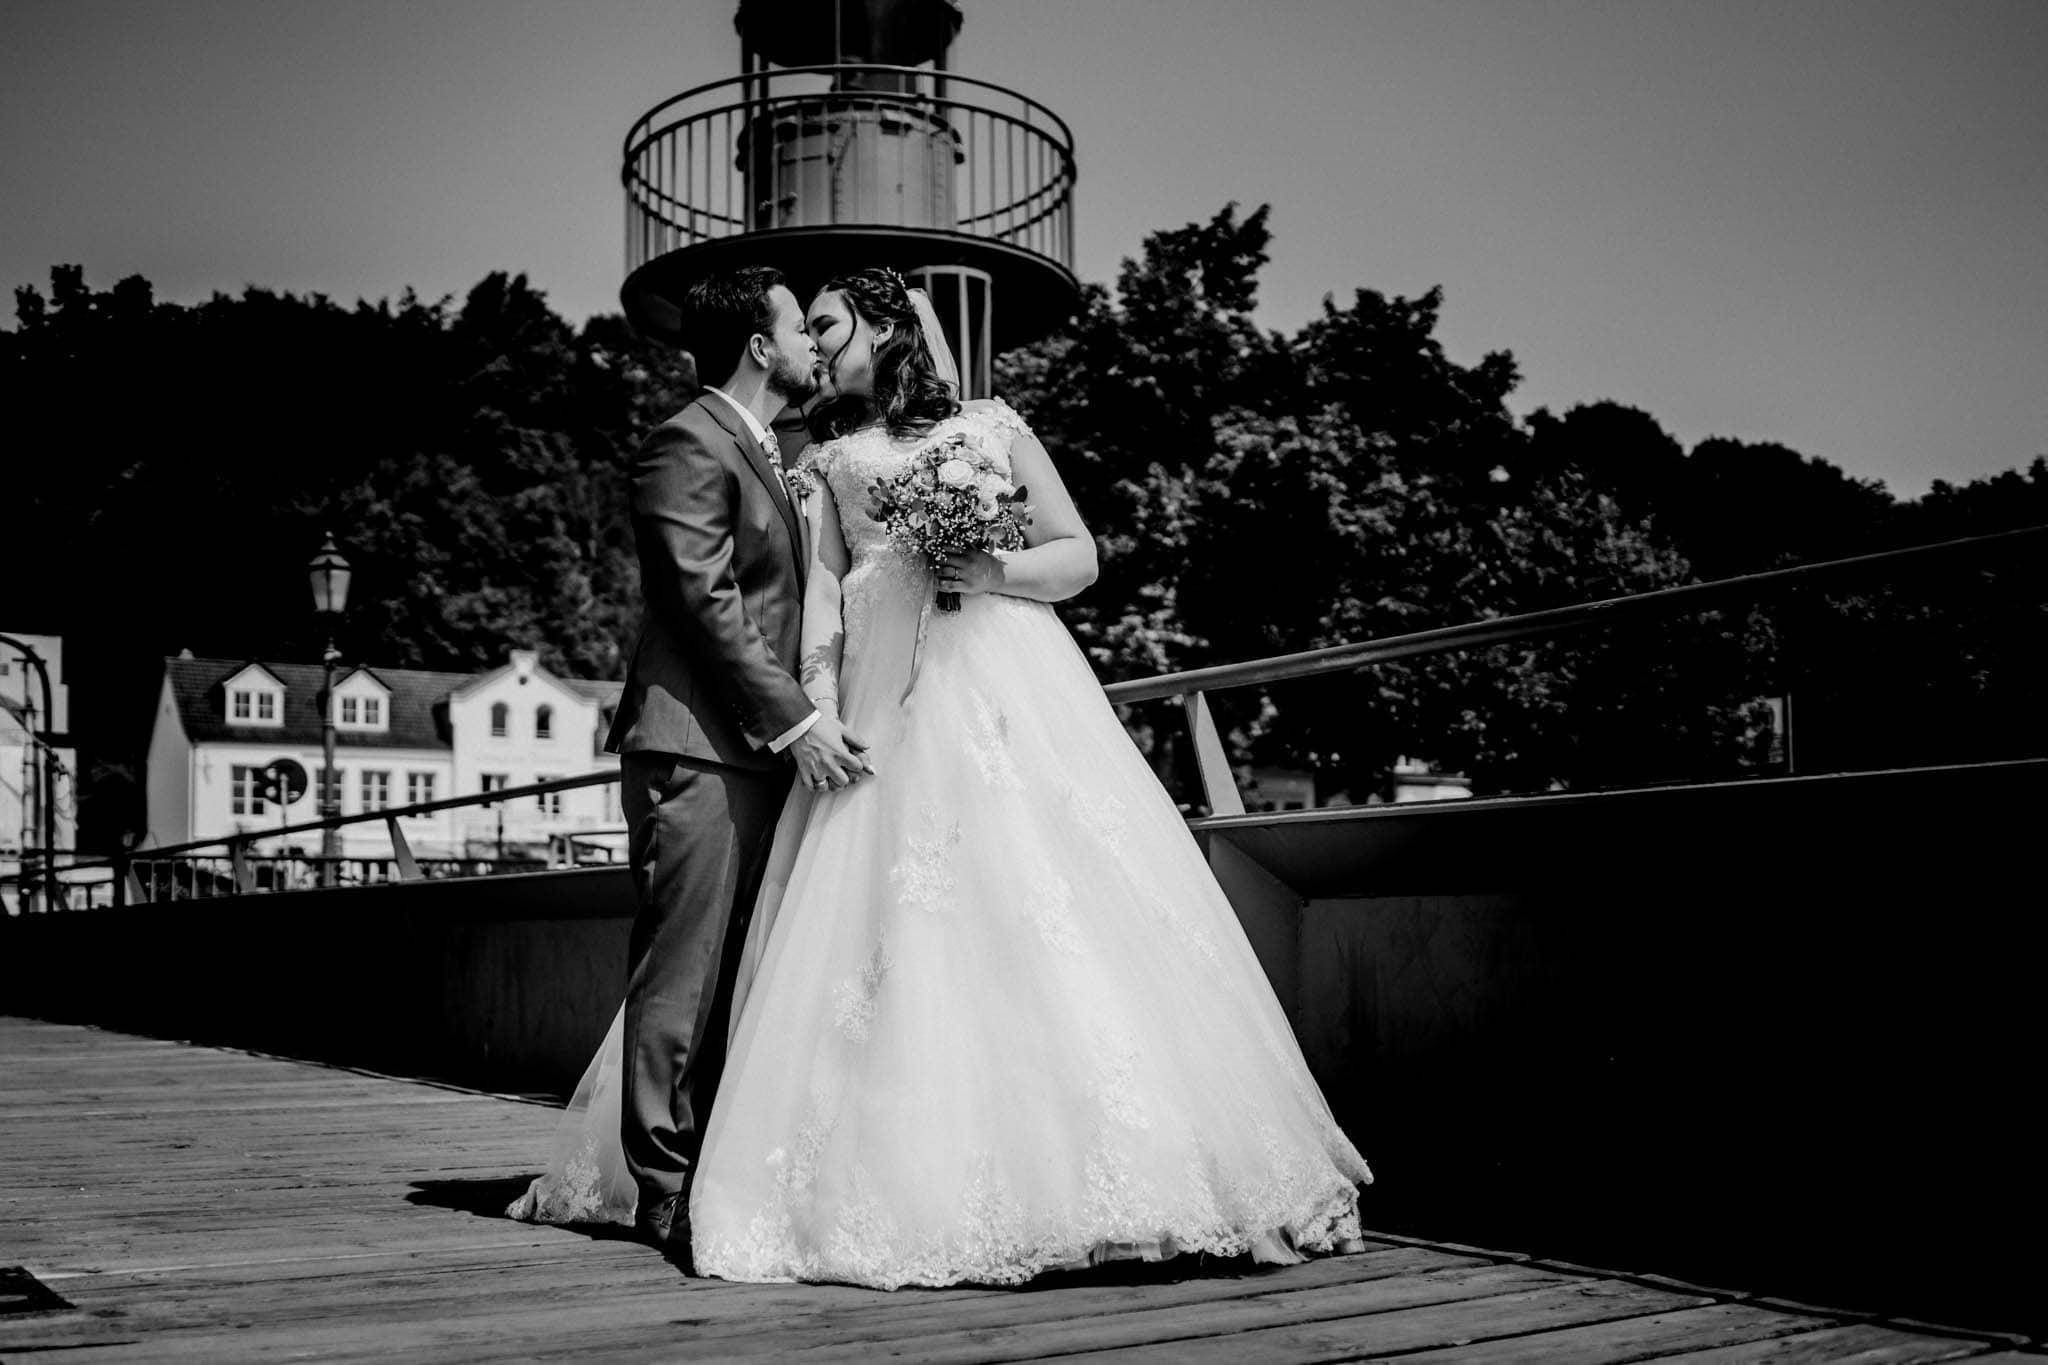 Hochzeitsfieber by Photo-Schomburg, Hochzeitsfotograf, Hamburg, Altona, wedding, Standesamt Altona, Appen, Hochzeitsshooting, Hochzeitstag, Brautpaar-67